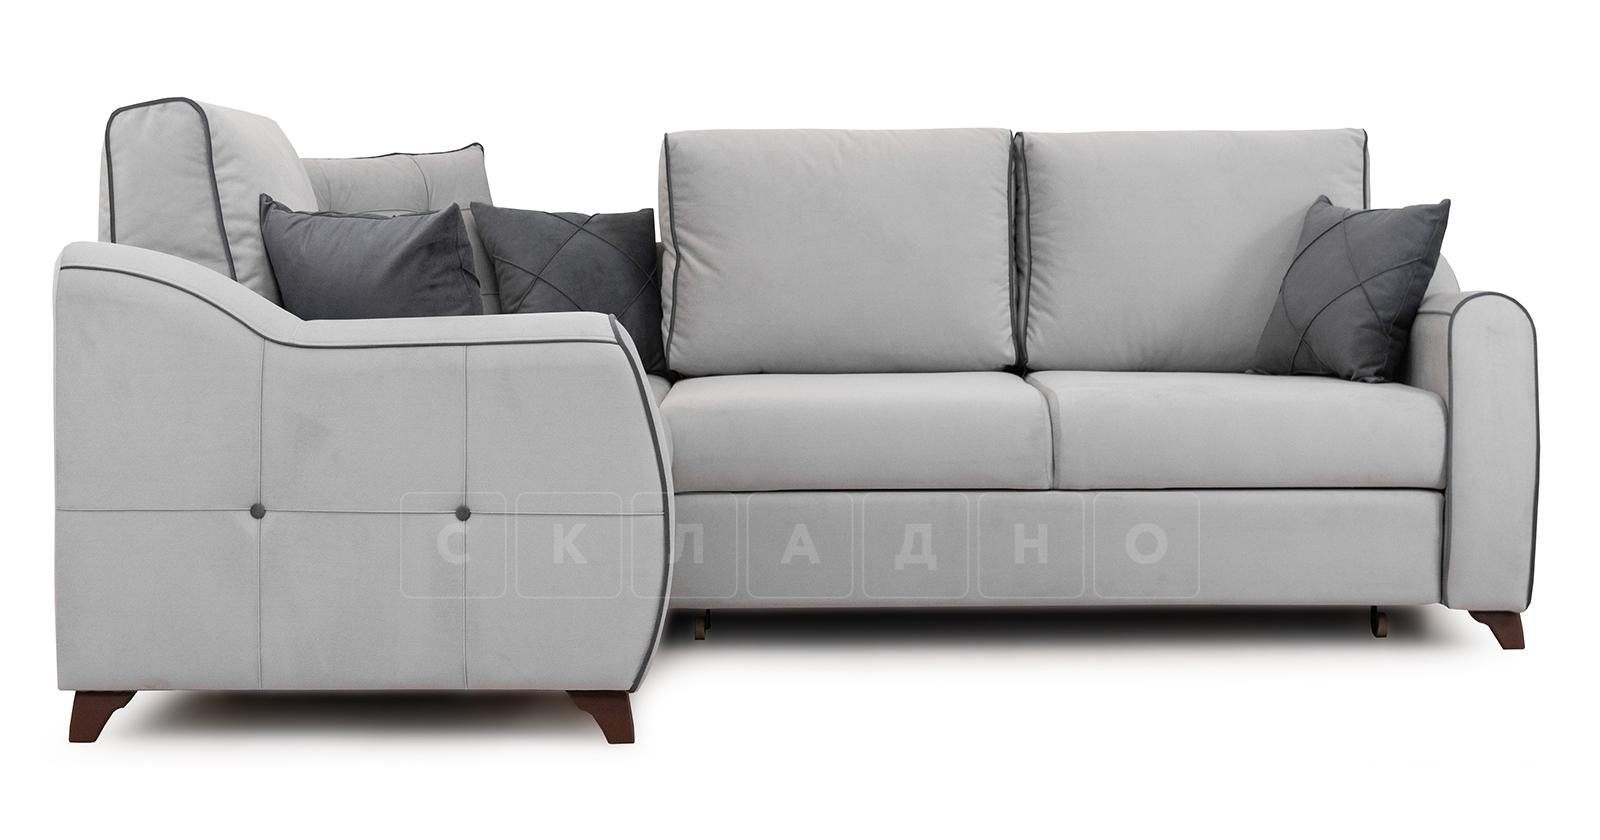 Диван-кровать угловой Флэтфорд светло-серый фото 2 | интернет-магазин Складно